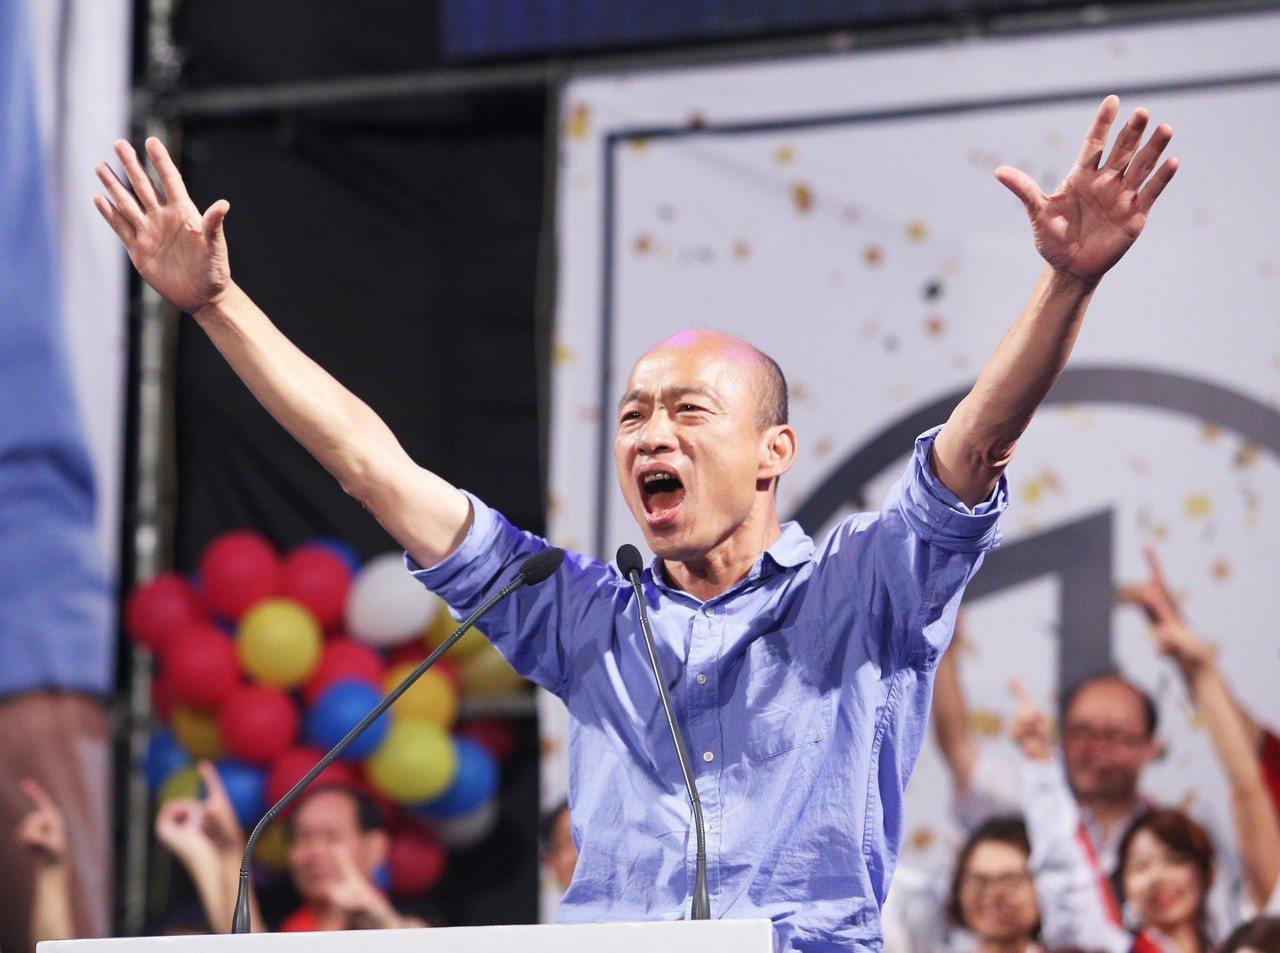 鴻海董事長郭台銘宣布參選之後,黨中央為郭台銘量身打造參選條件,讓韓粉的壓力排山倒...